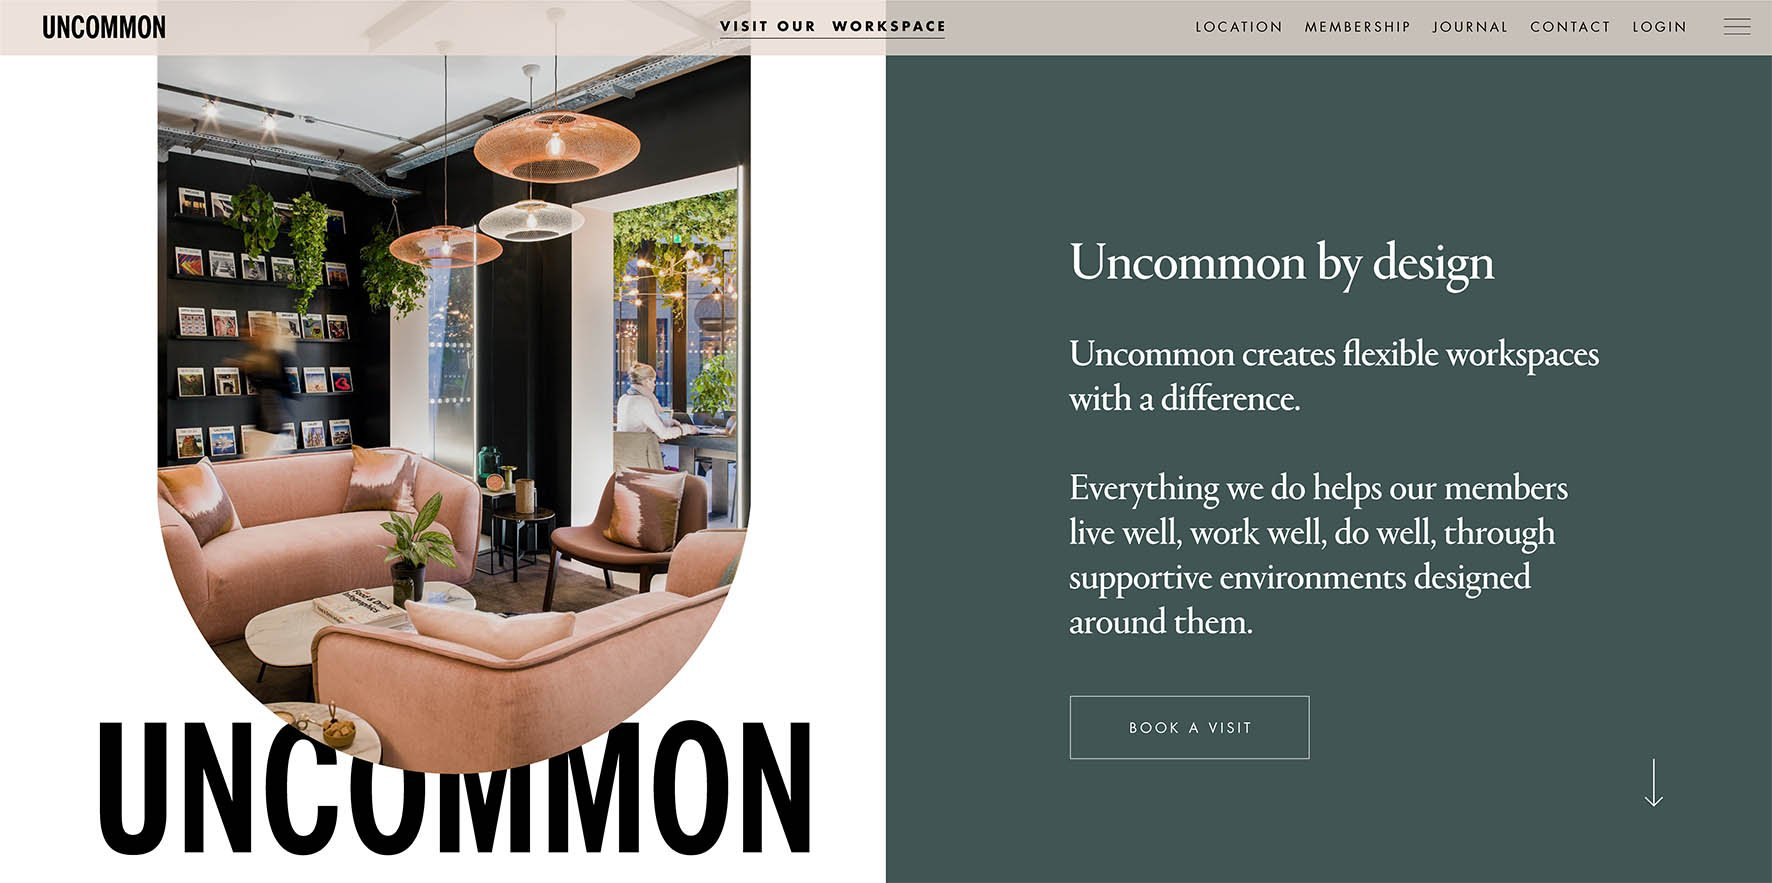 thecrop_uncommon_website-1